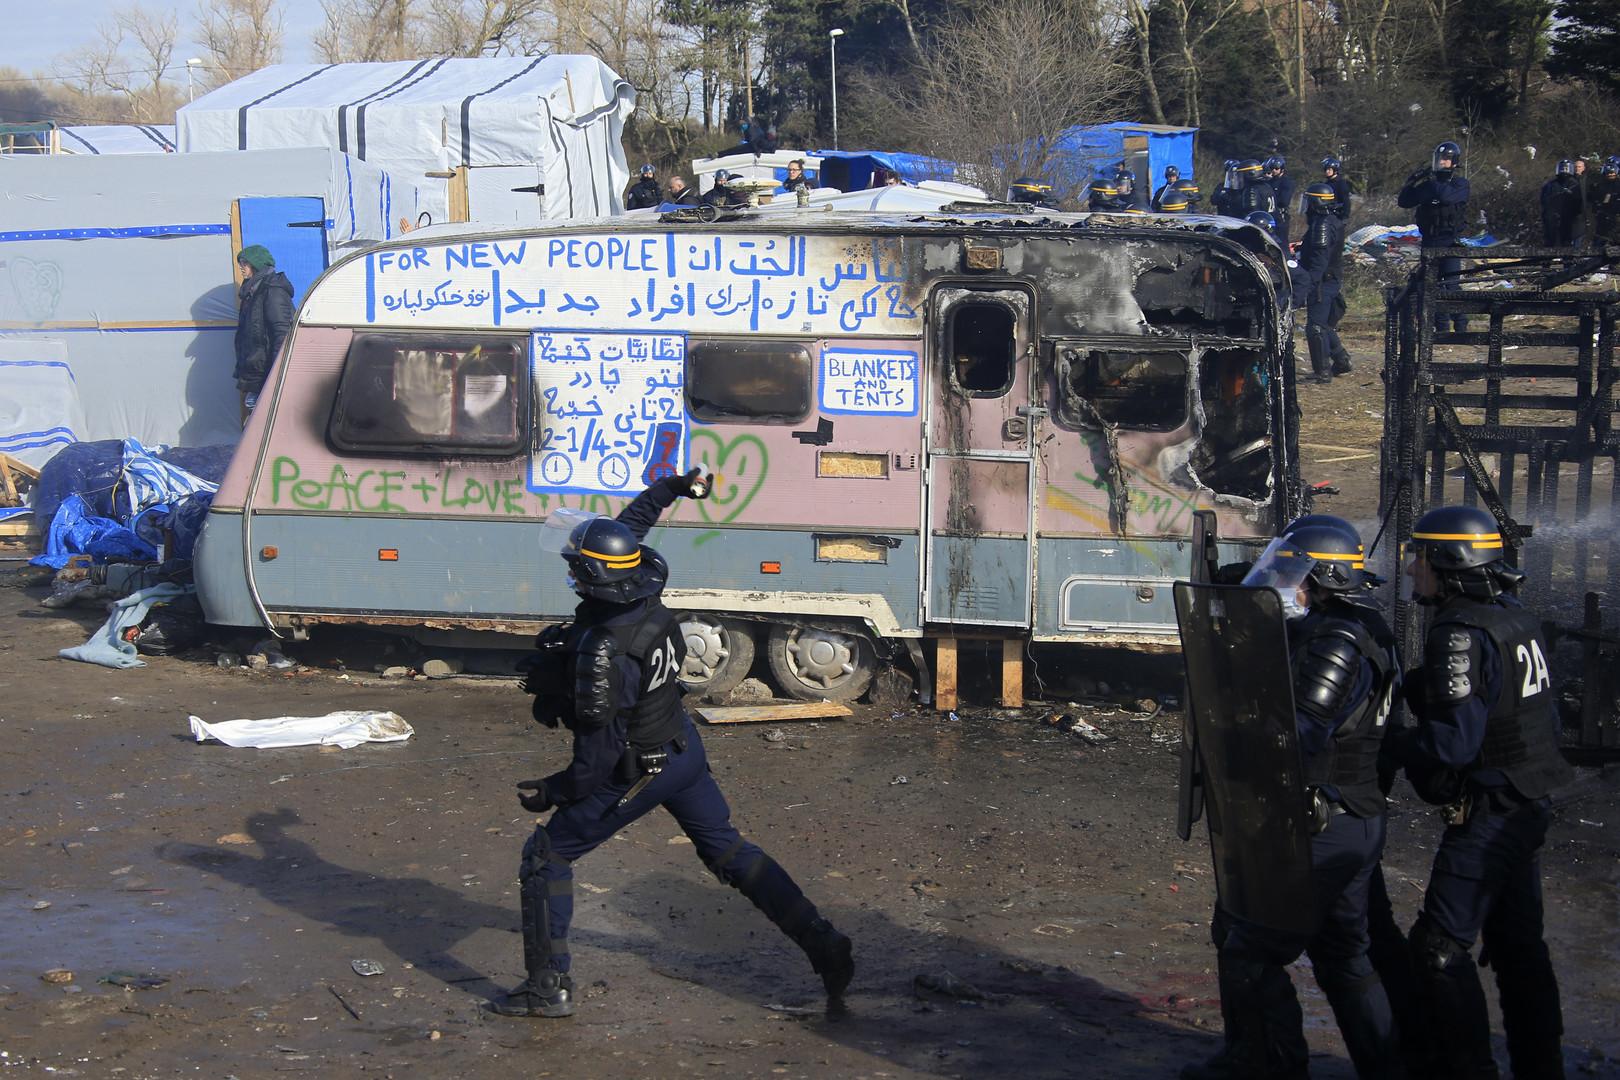 Polizist wirft Rauchbombe auf protestierende Migranten